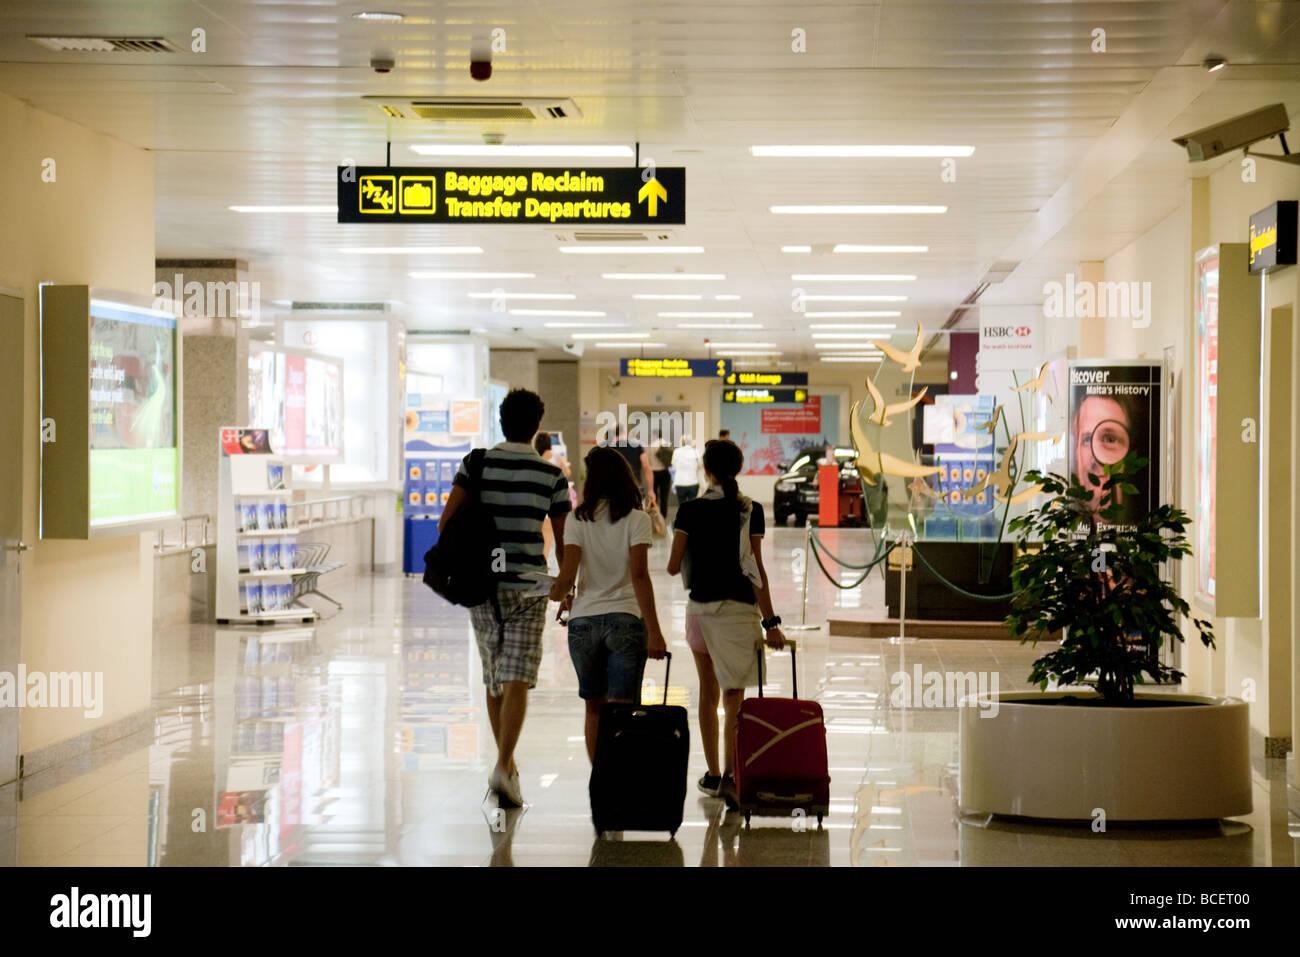 Ankommenden Passagiere machen ihren Weg Gepäck zurückfordern, Flughafen Malta Stockbild